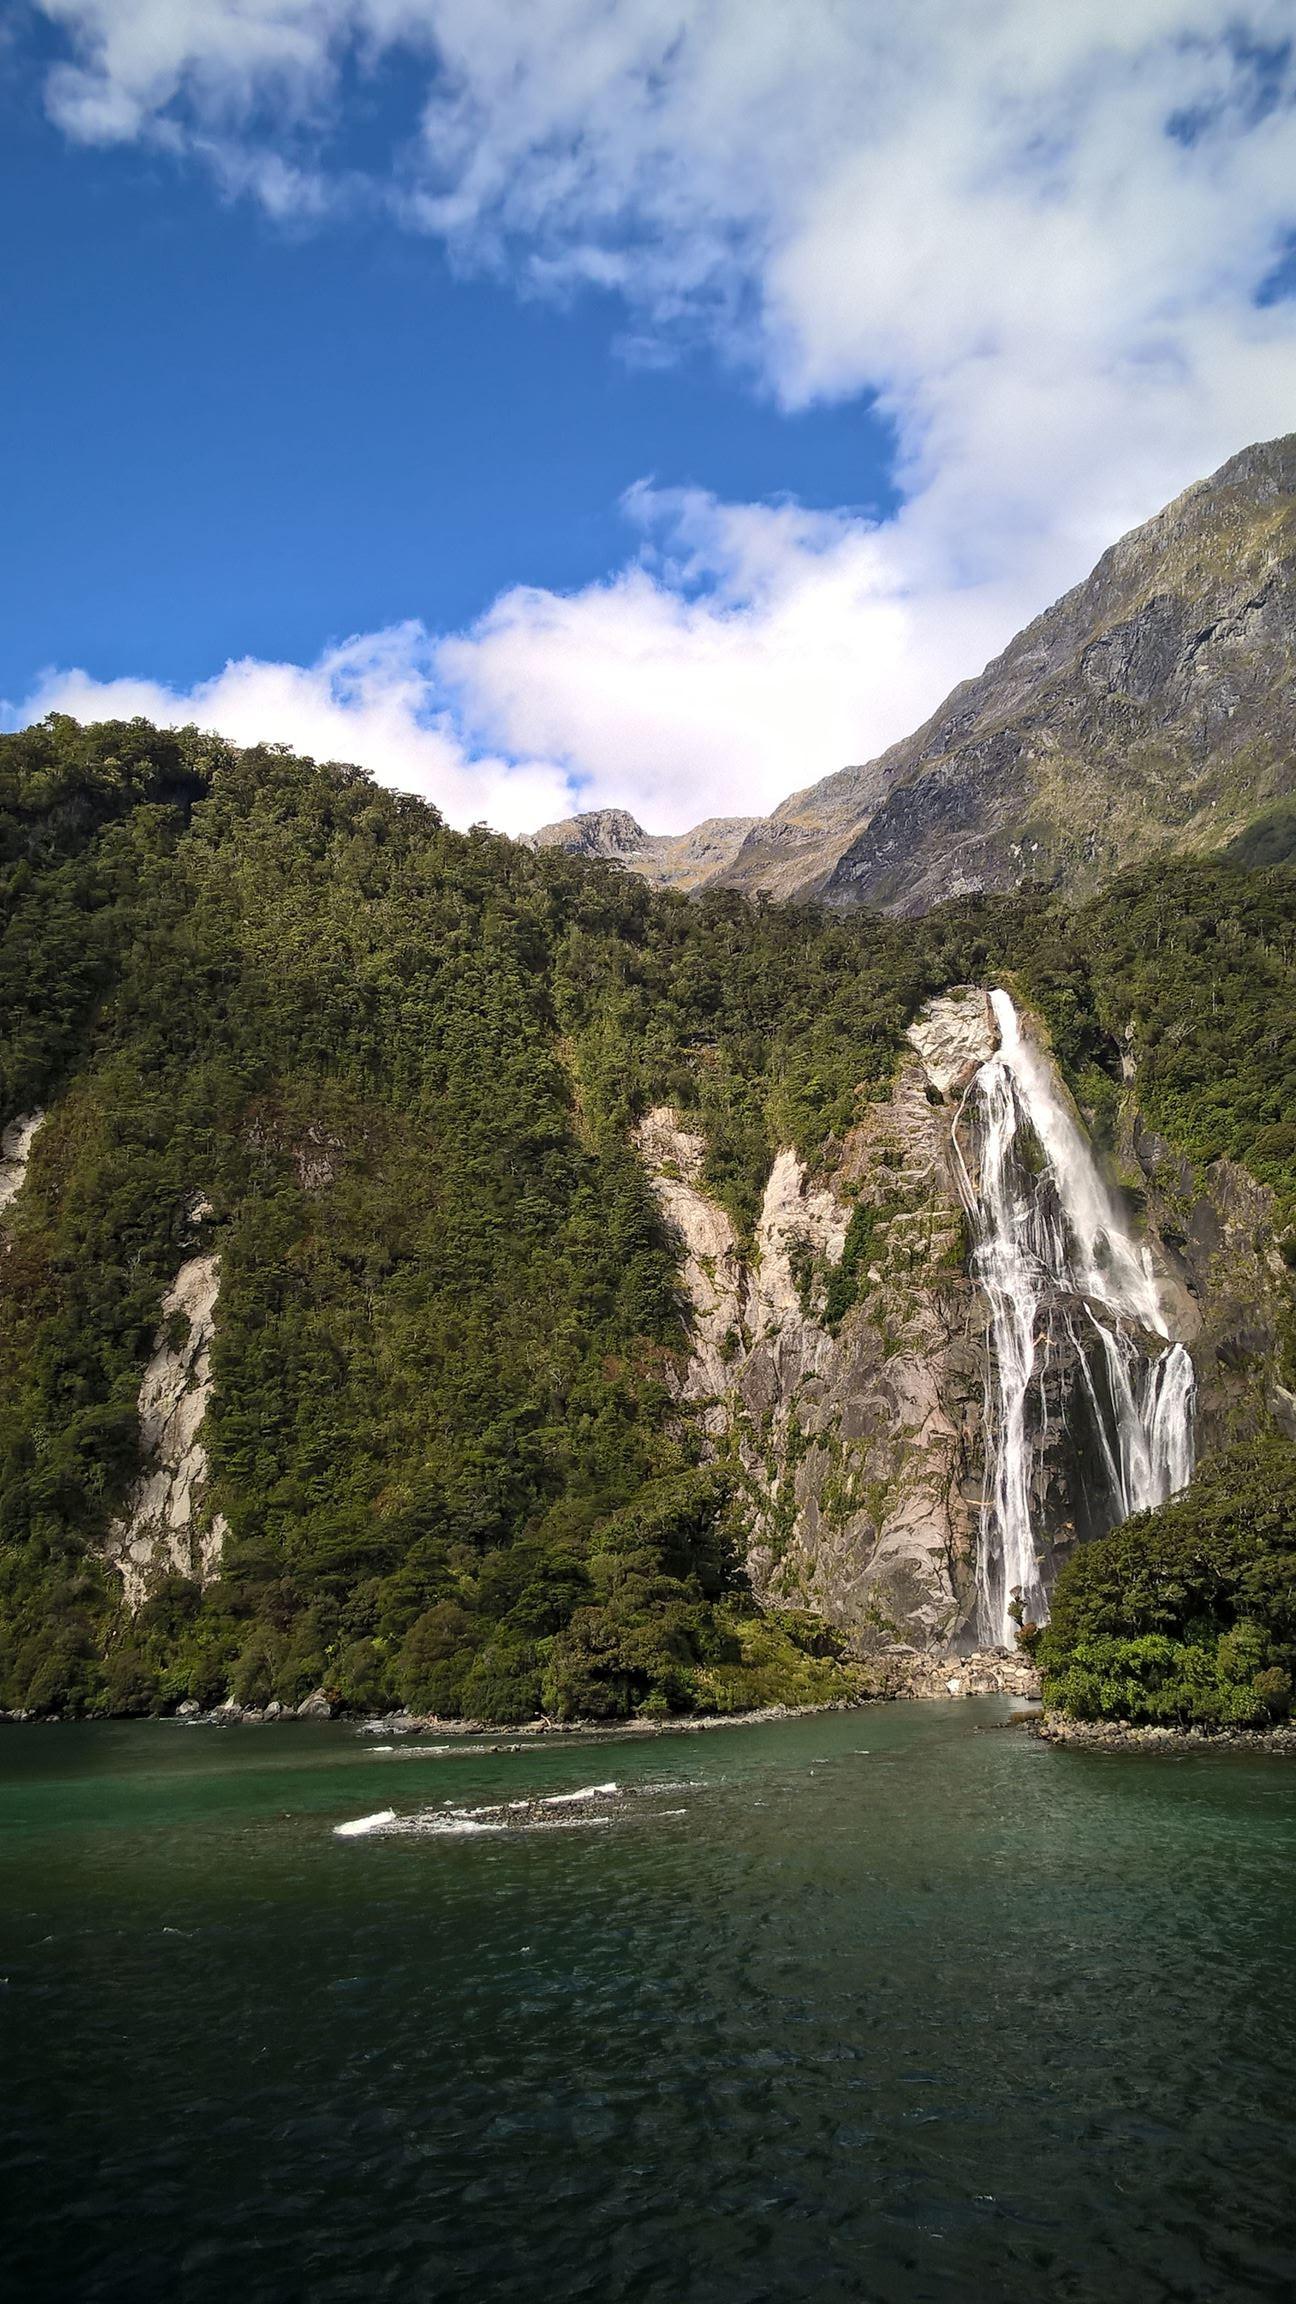 Kurz vor dem Hafen nochmal ein Wasserfall